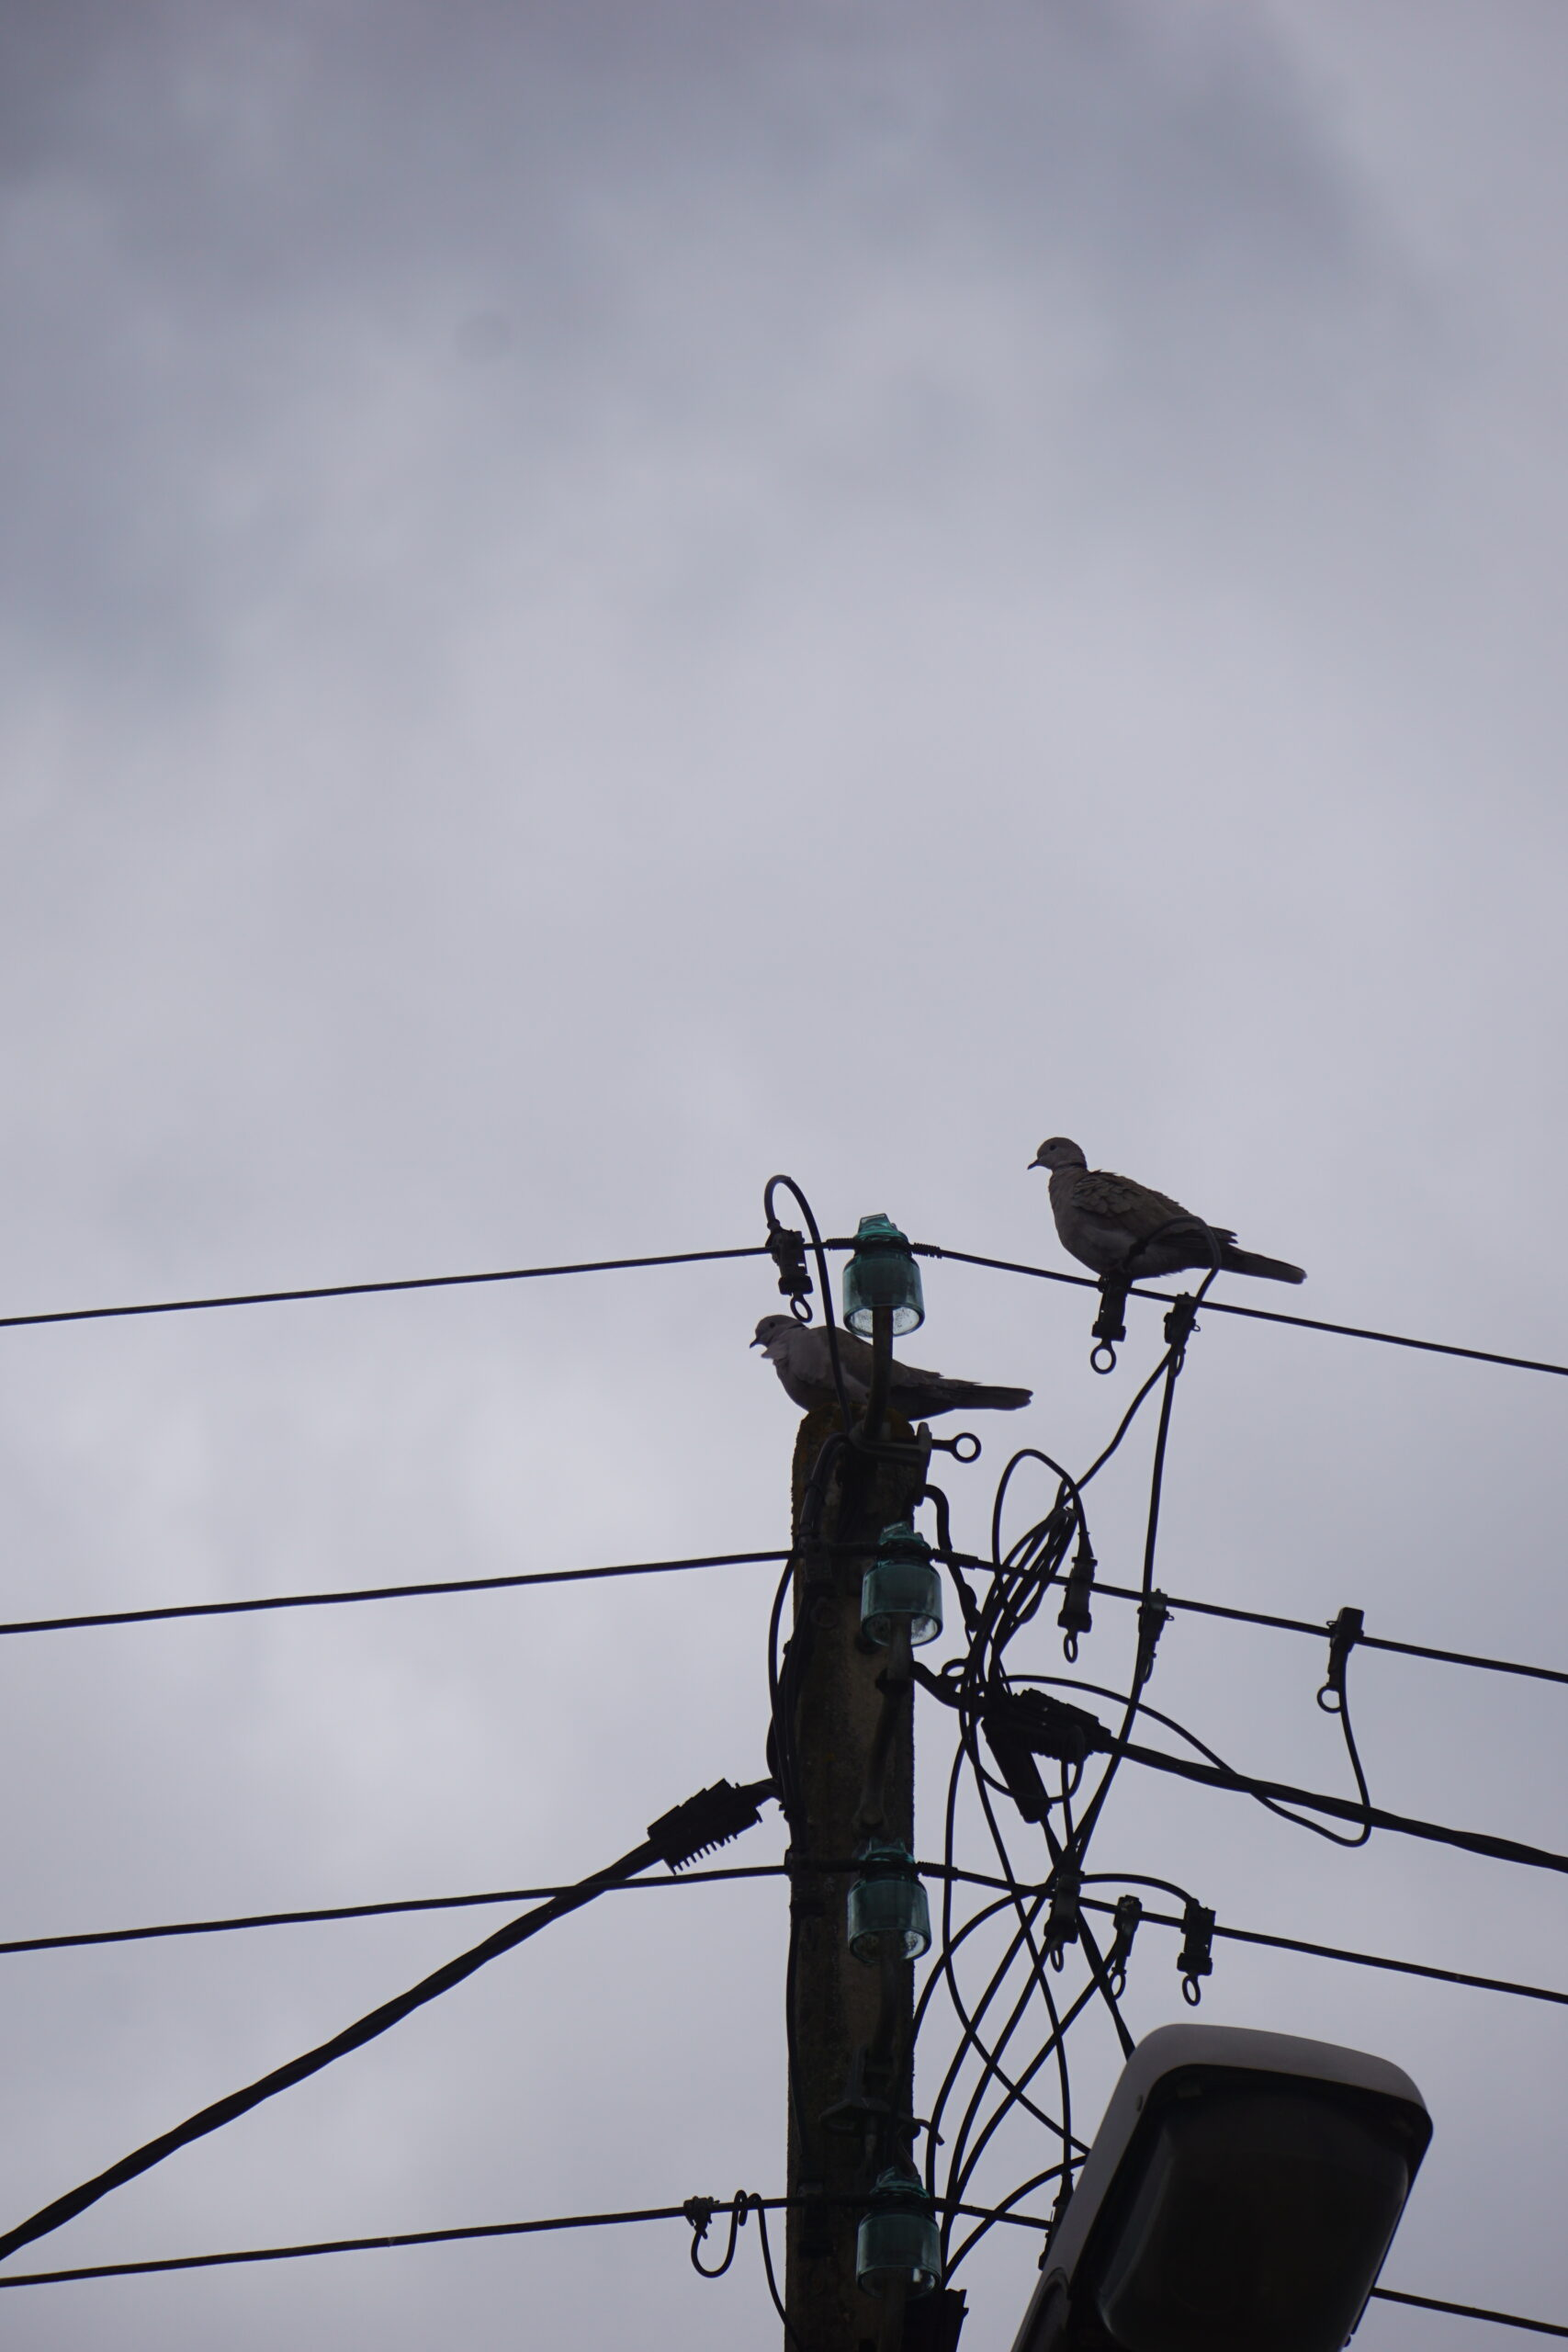 Photographie de deux tourterelles posées sur un poteau électrique. Le ciel est couvert.